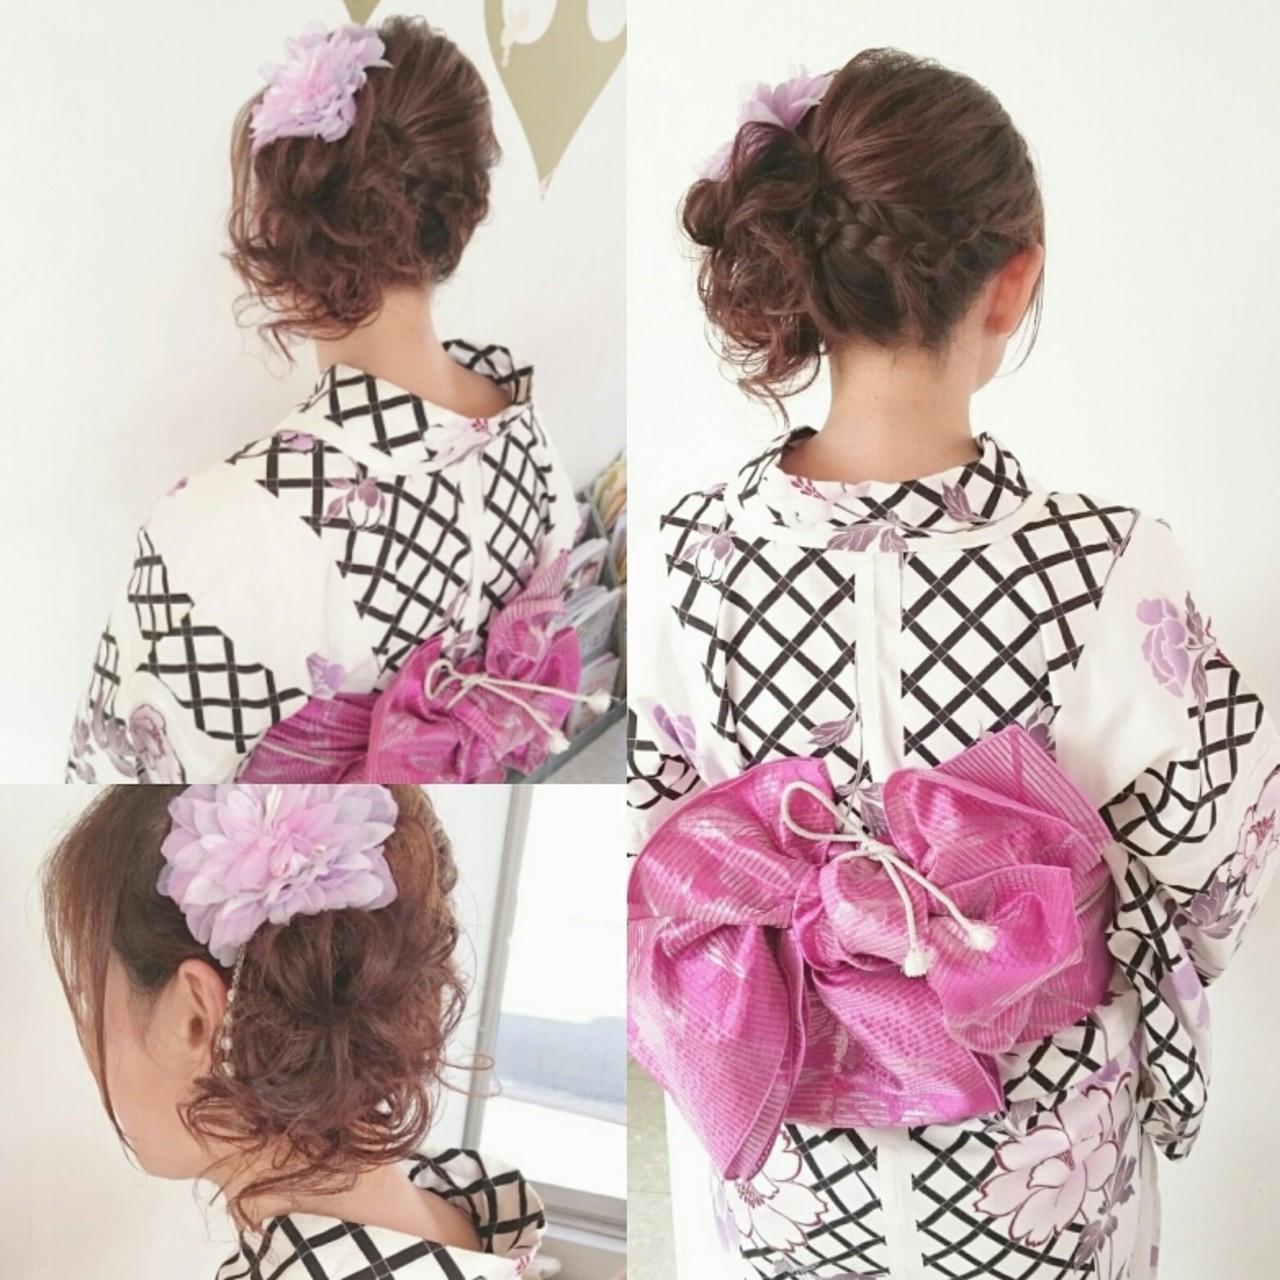 お祭り 和装 夏 三つ編み ヘアスタイルや髪型の写真・画像